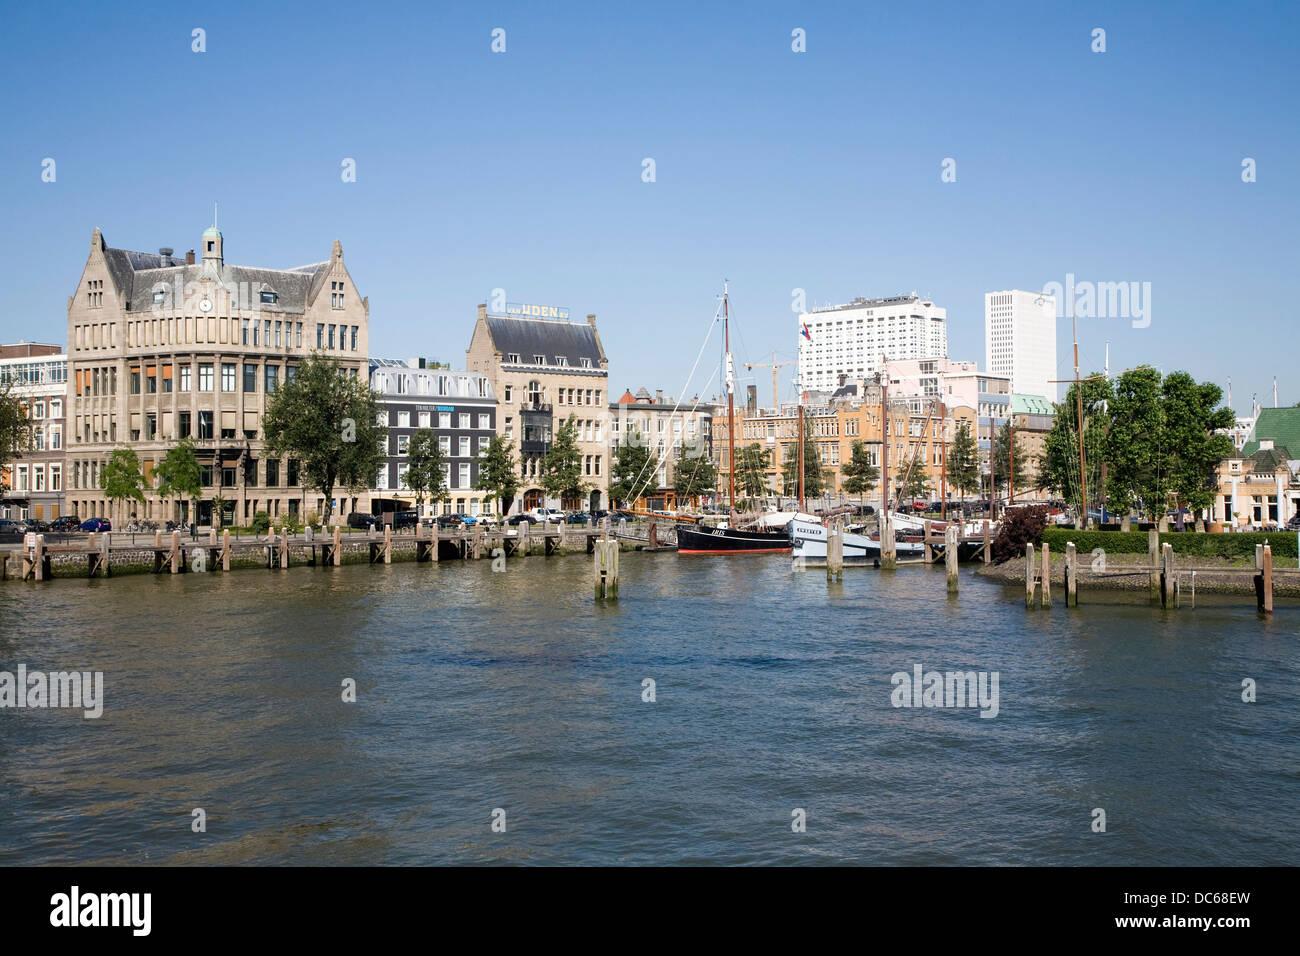 Histórico puerto Veerhaven Rotterdam Países Bajos Imagen De Stock